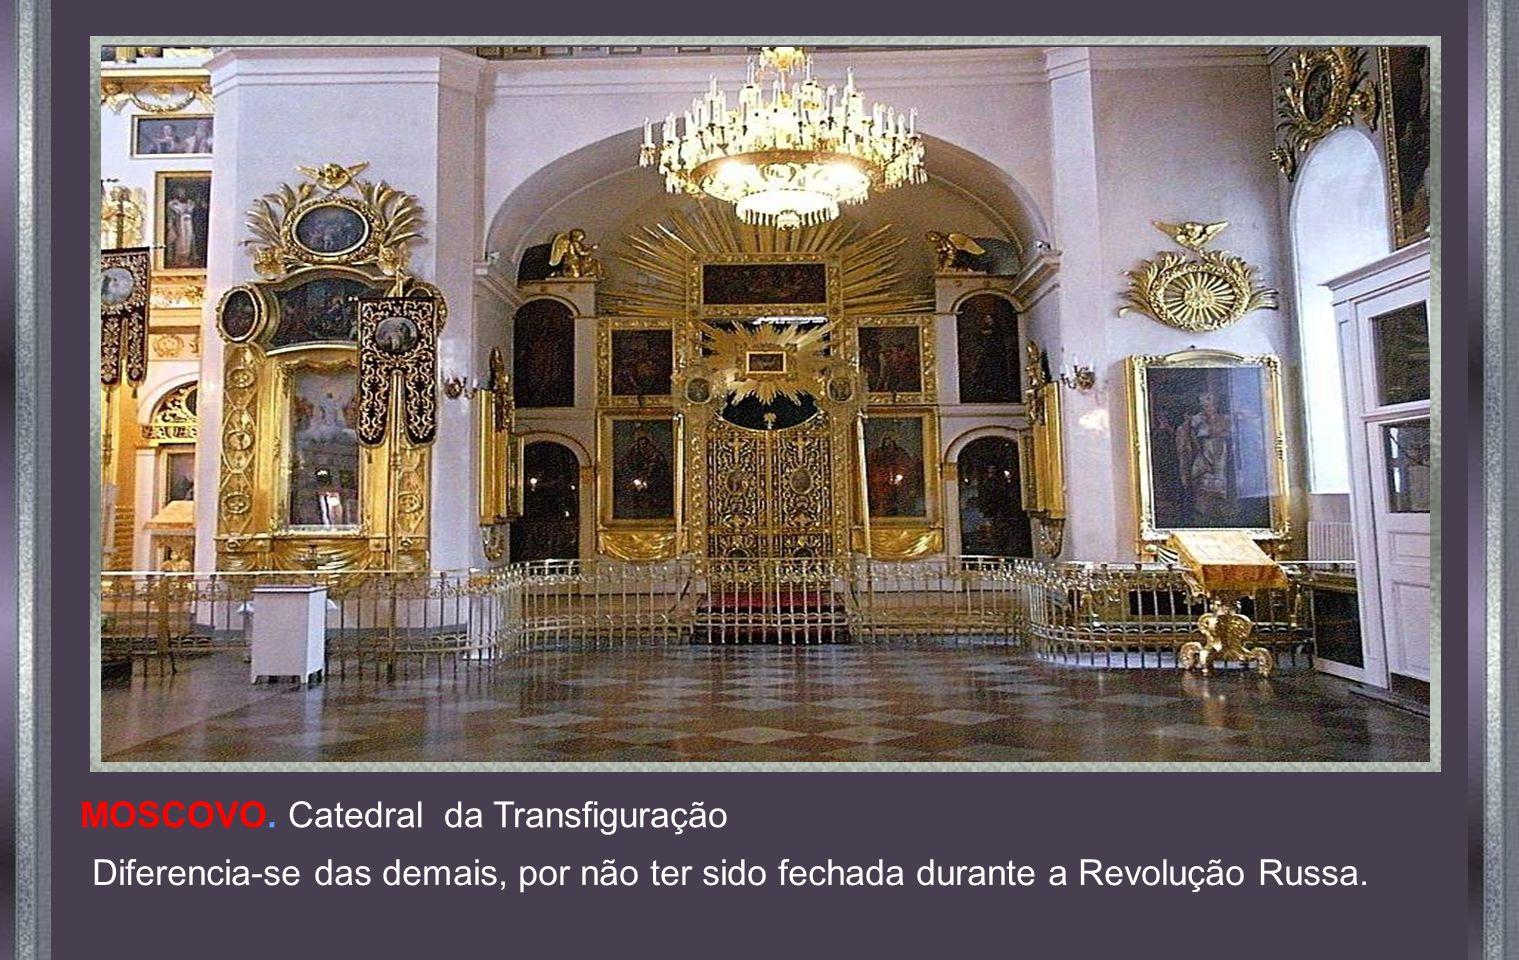 MOSCOVO. Catedral de São Luís